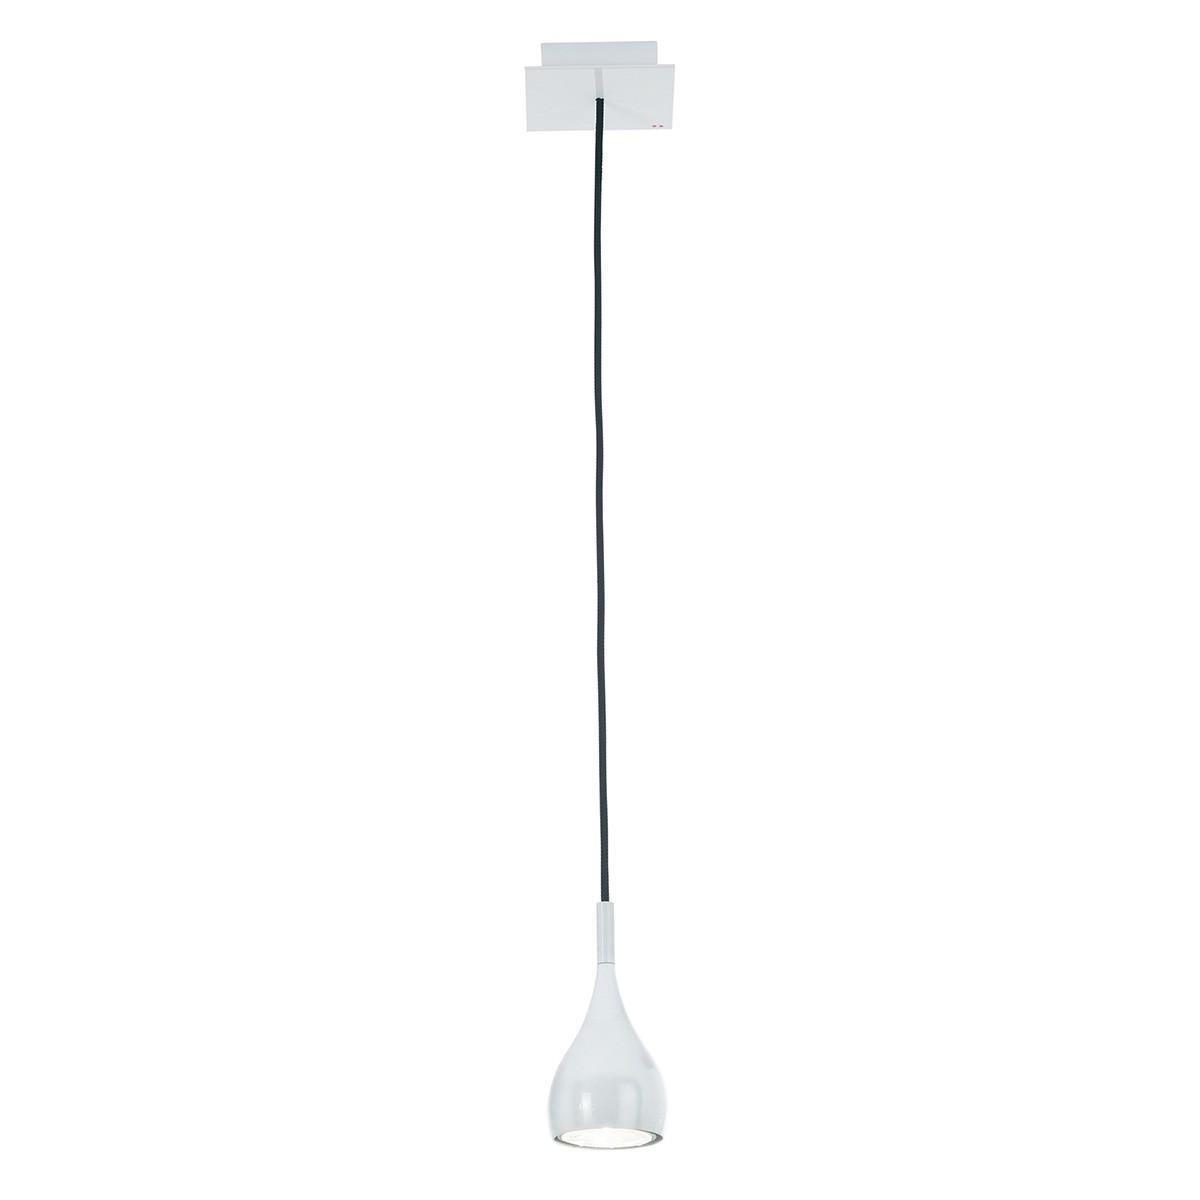 Fabbian Bijou Pendelleuchte, weiß, Ø: 7,8 cm